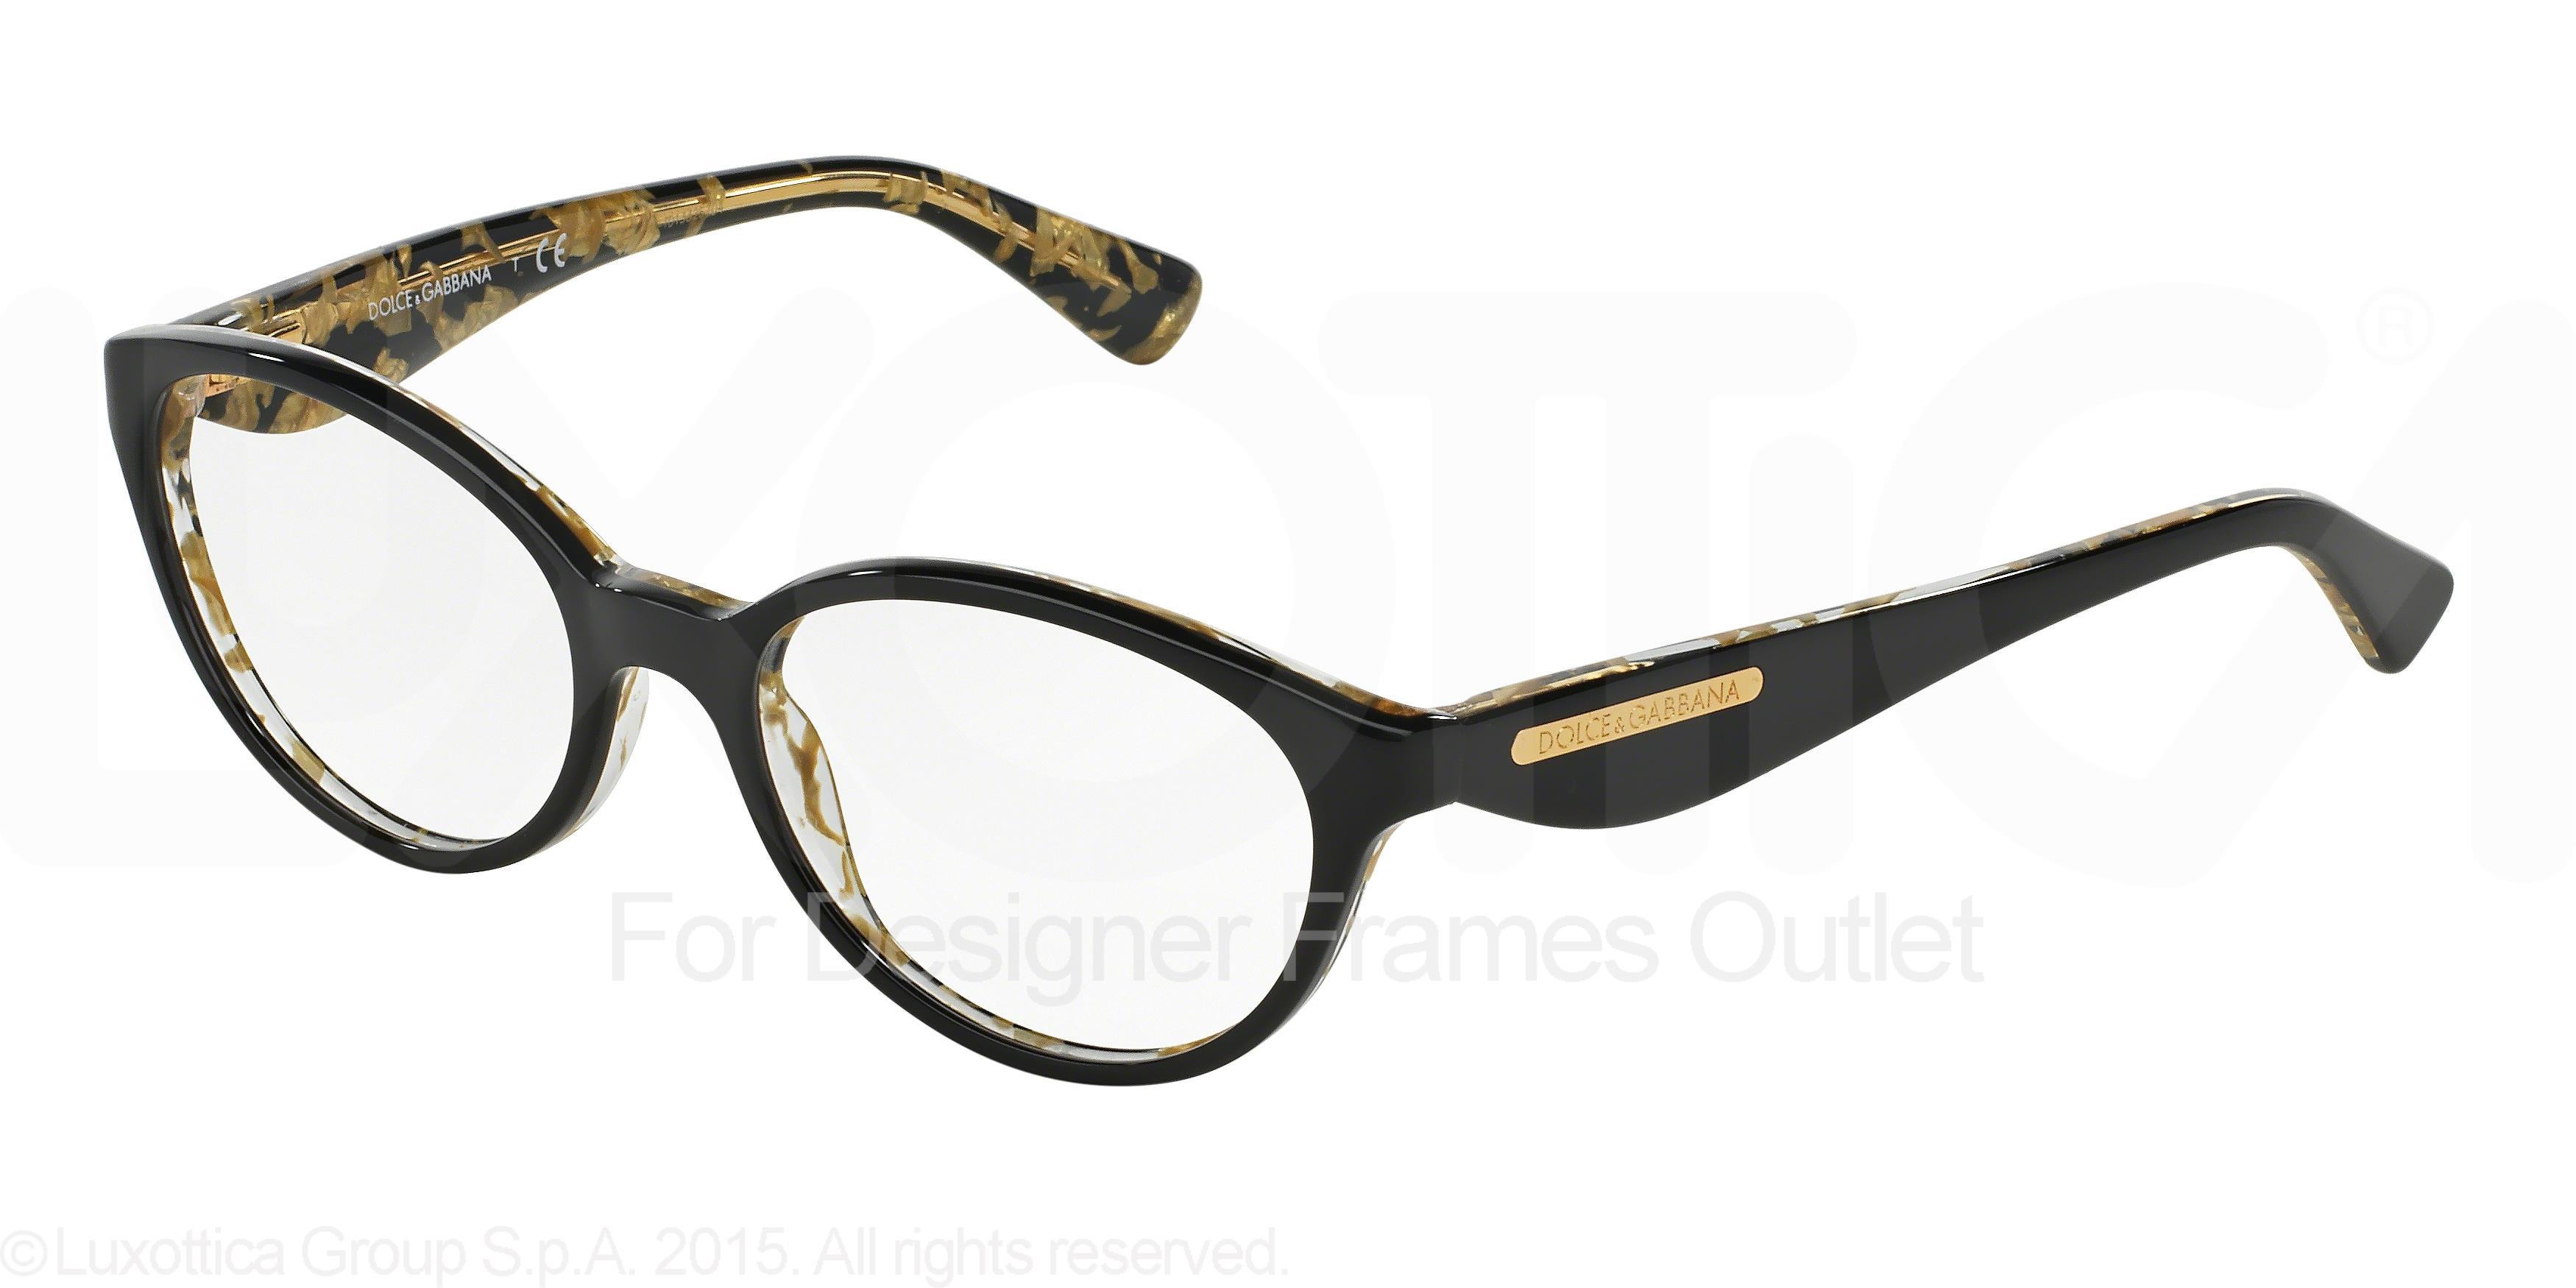 Designer Frames Outlet. Dolce & Gabbana DG3173